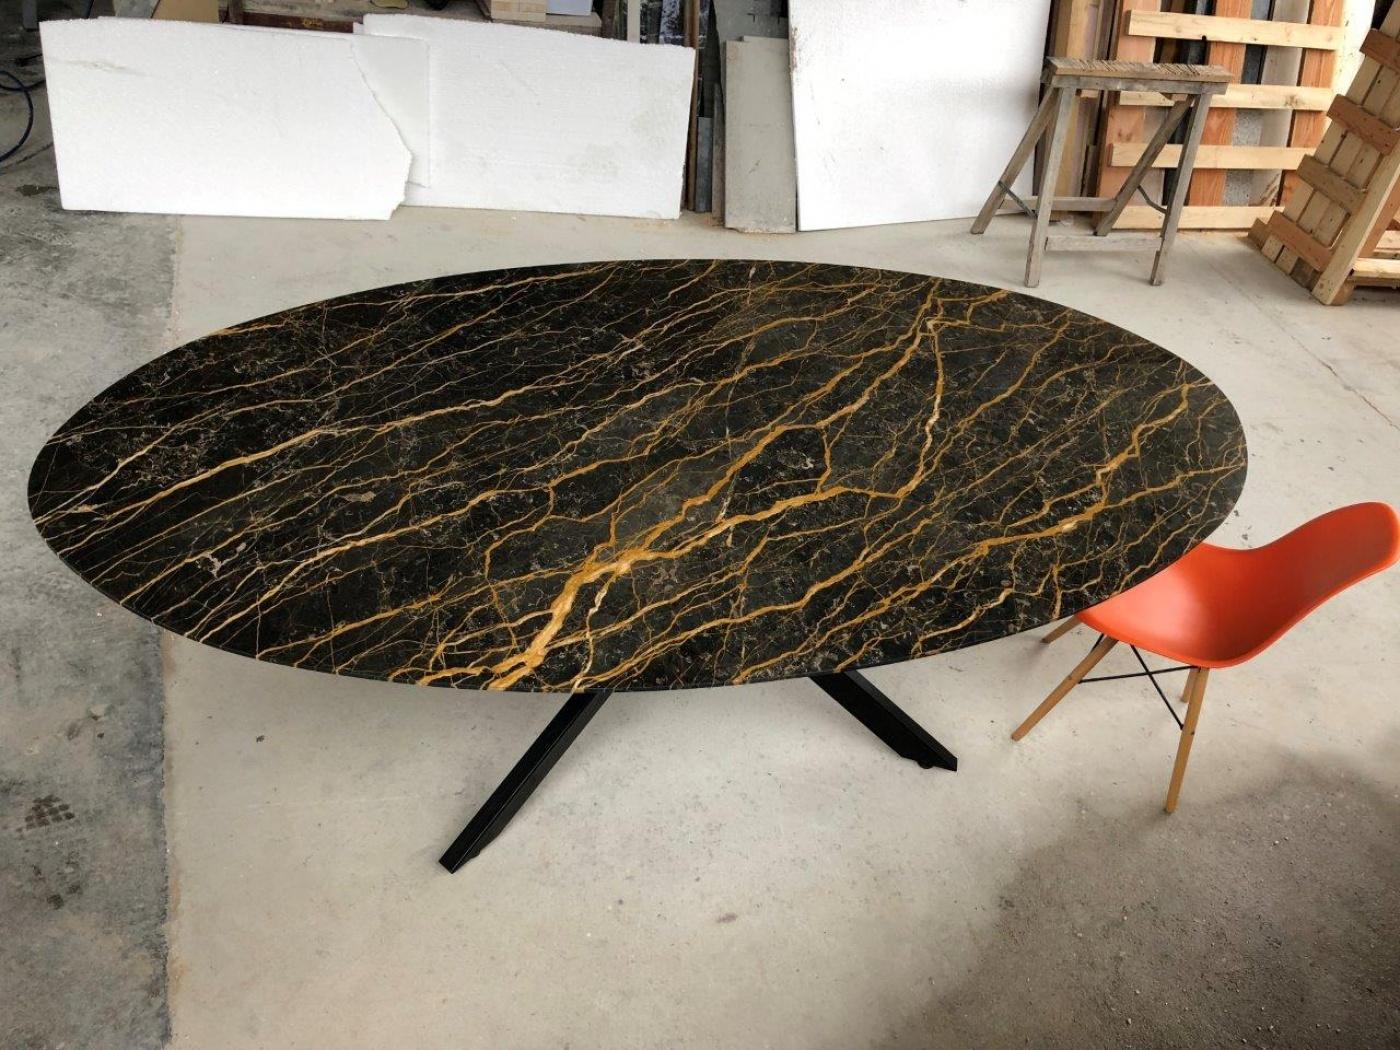 Table type knoll en marbre noir port laurent poli Finition aile d'avion Pieds central mikado en acier laqué noir